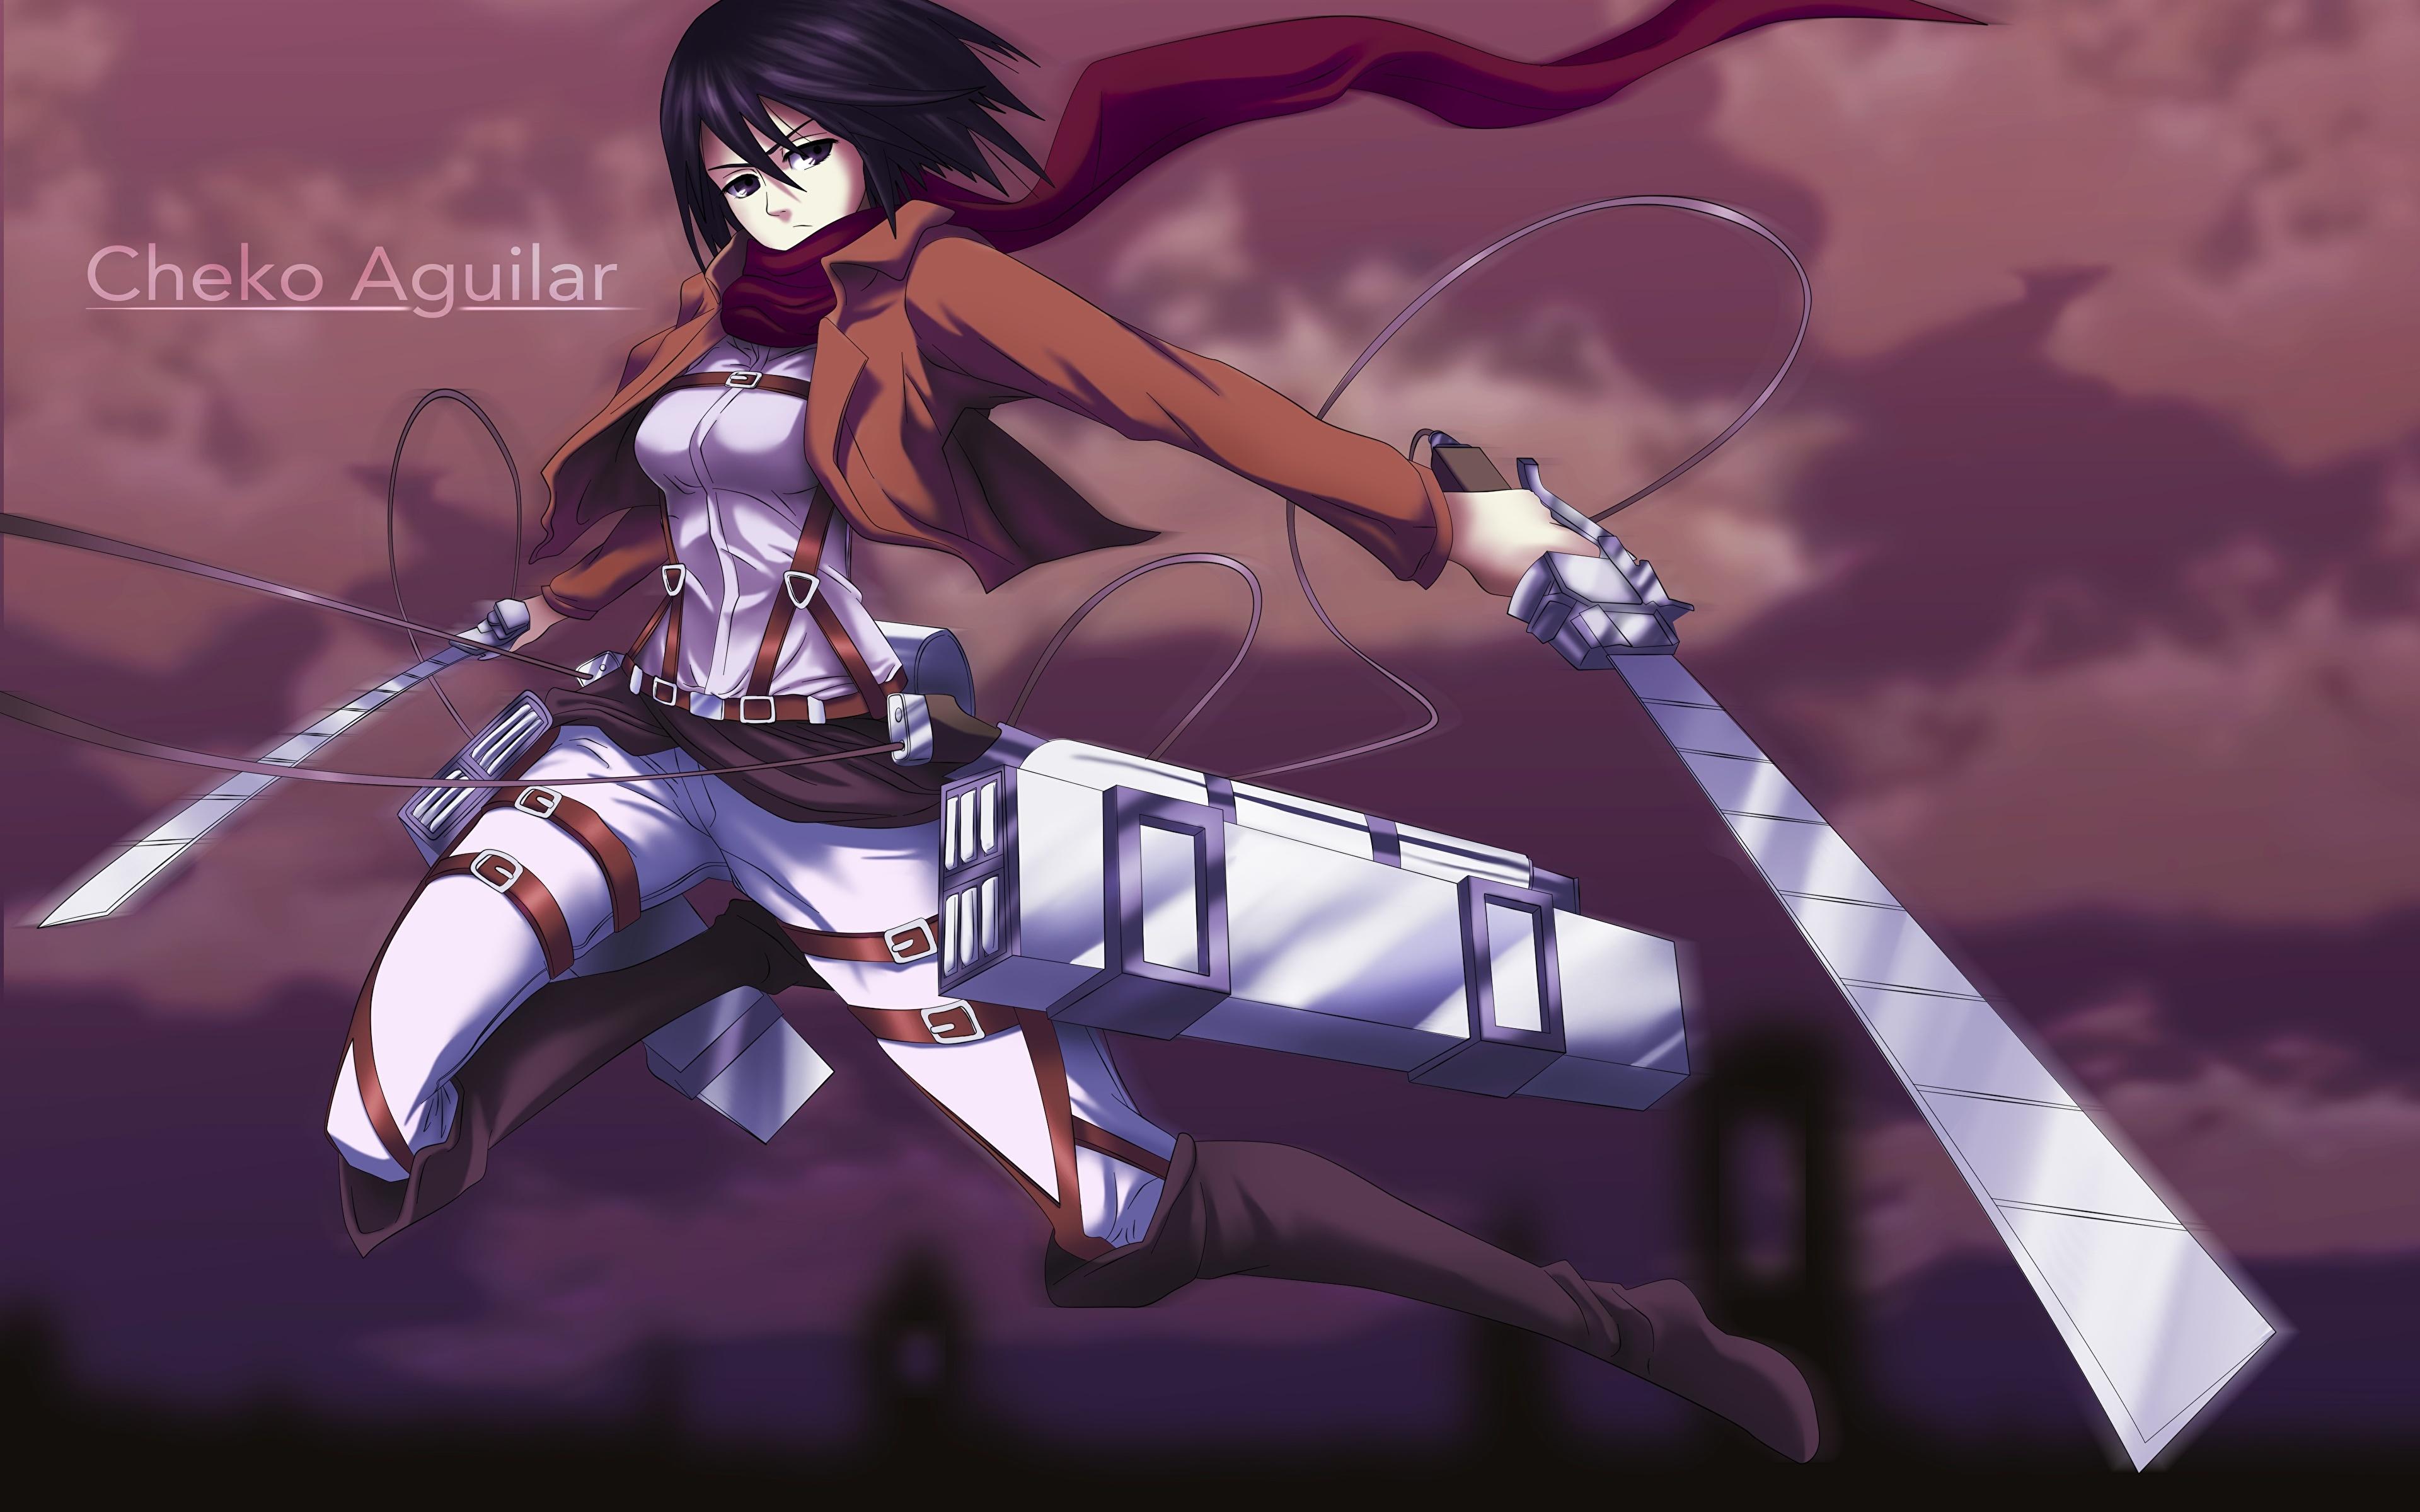 Photo Attack On Titan Swords Warrior Mikasa Ackerman Anime 3840x2400